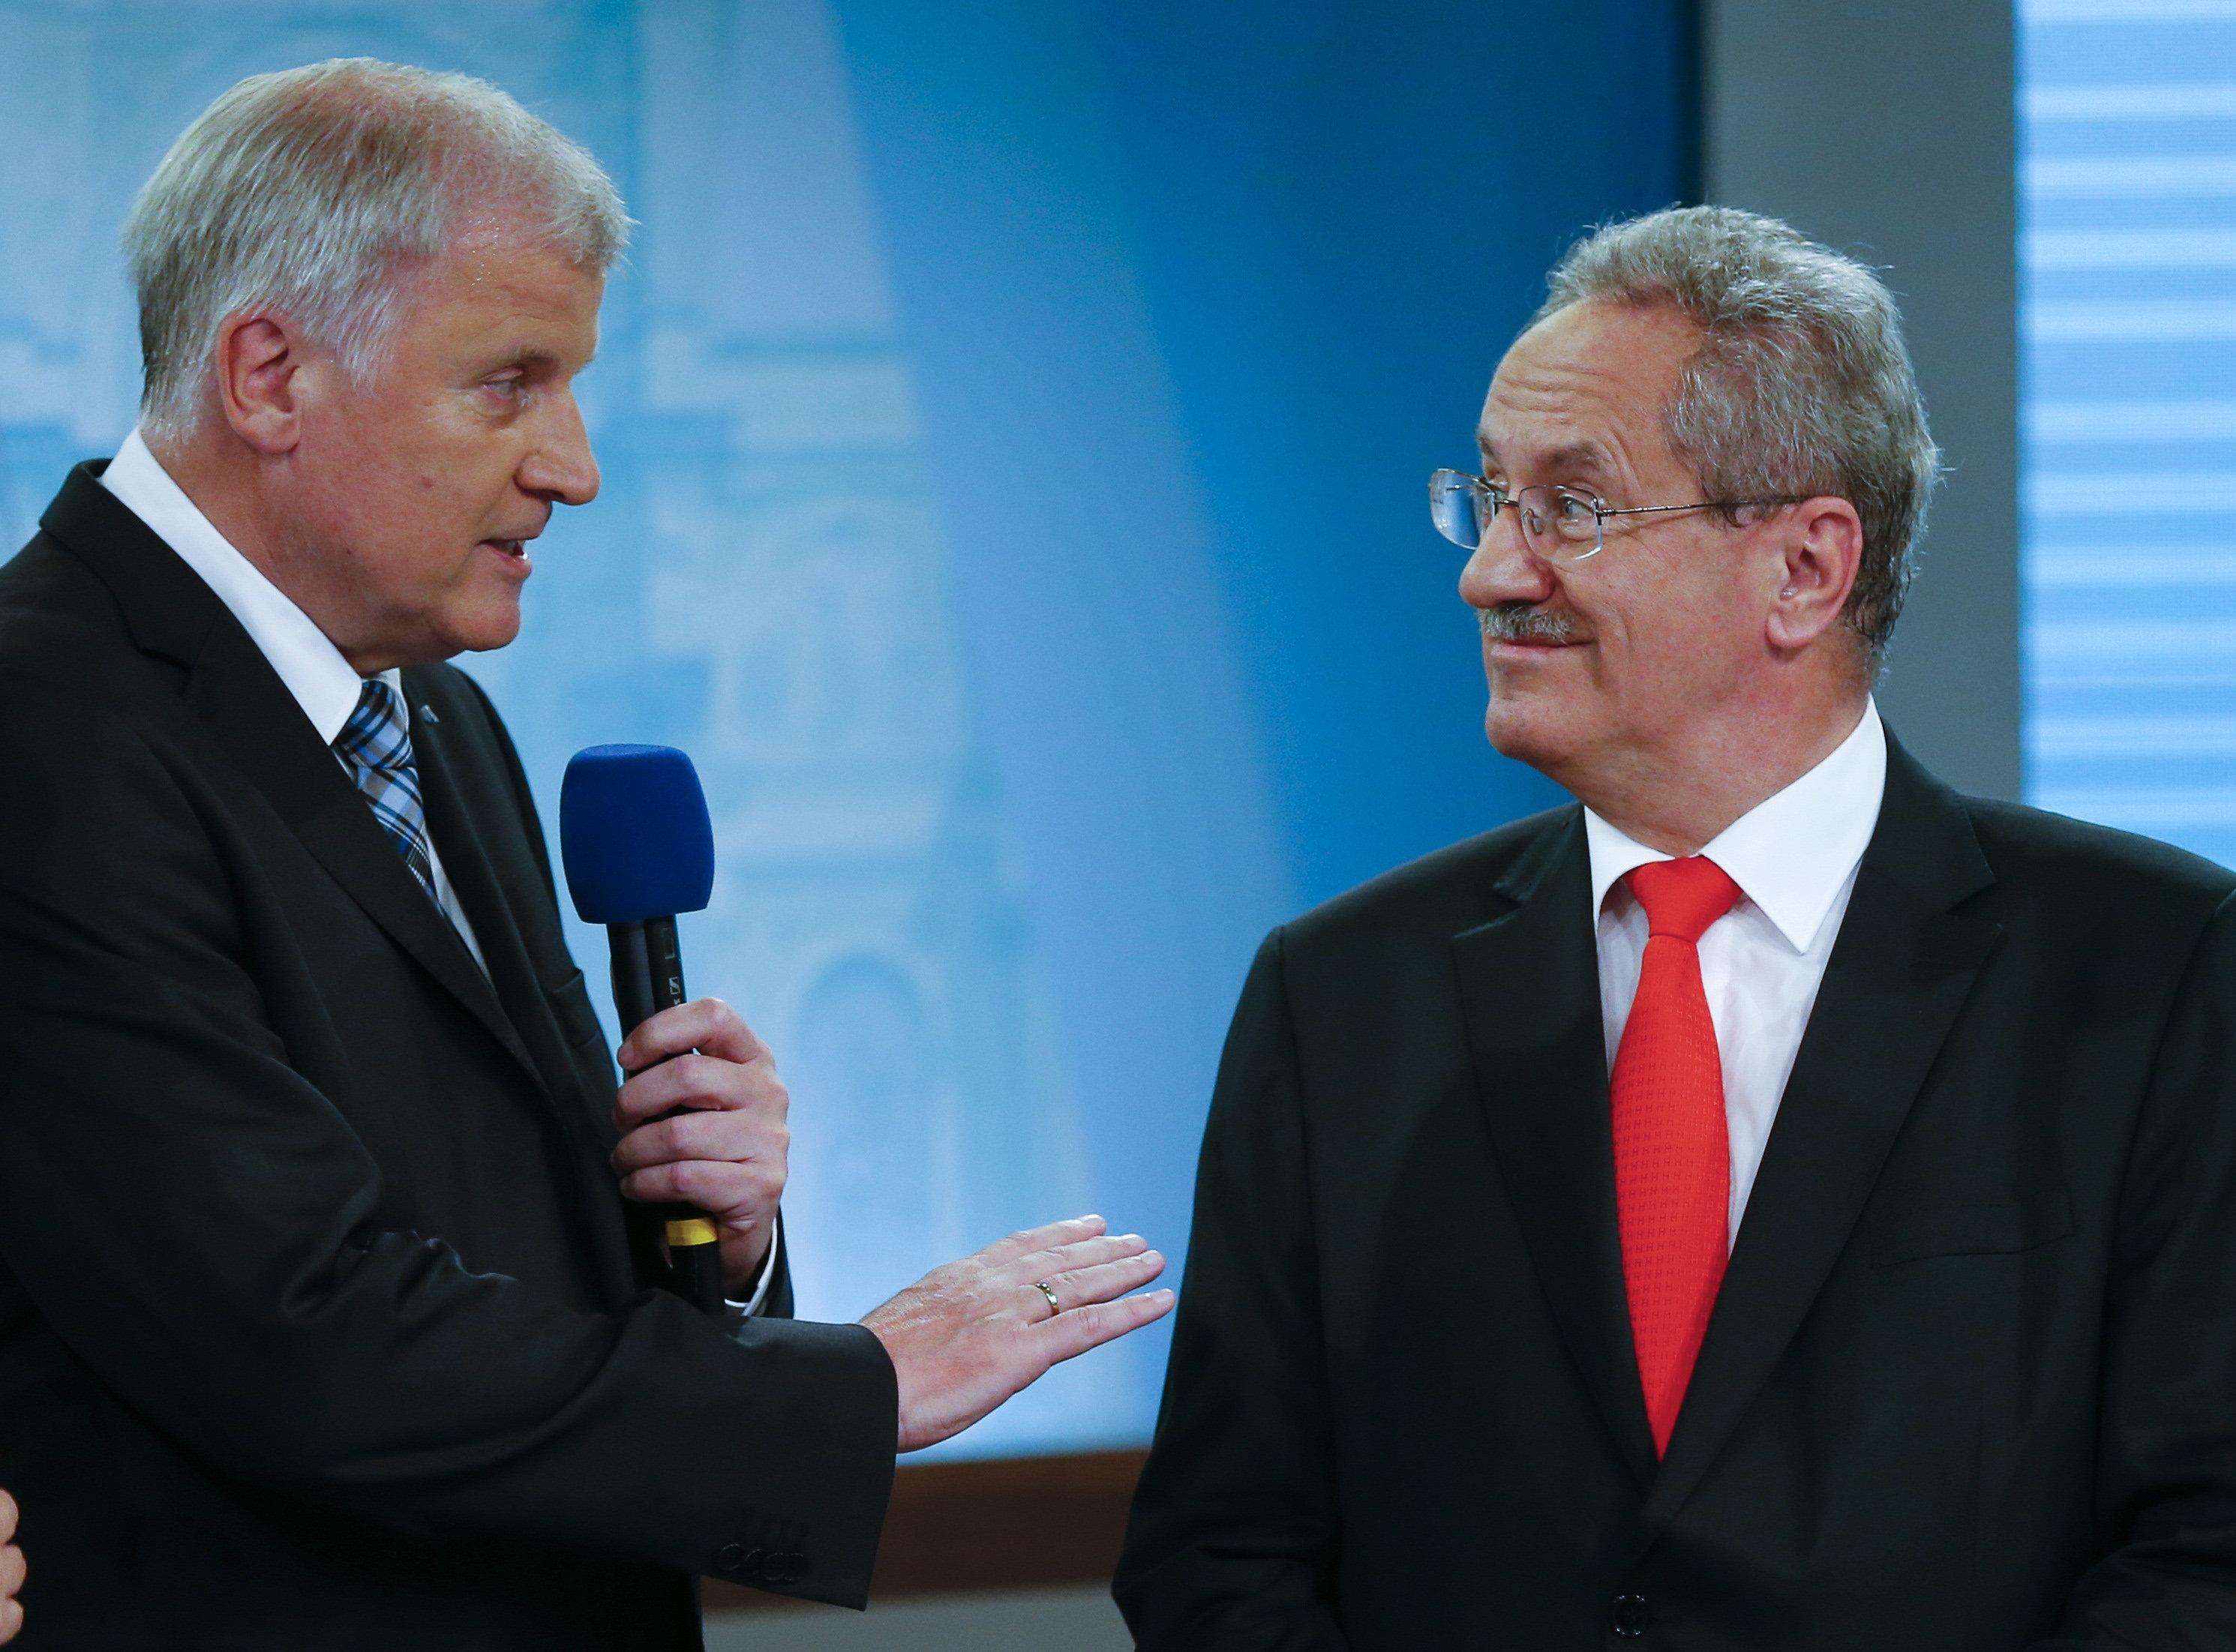 In der ARD: Als SPD-Politiker Ude das Ergebnis seiner Partei bei der Bayernwahl sieht, wütet er